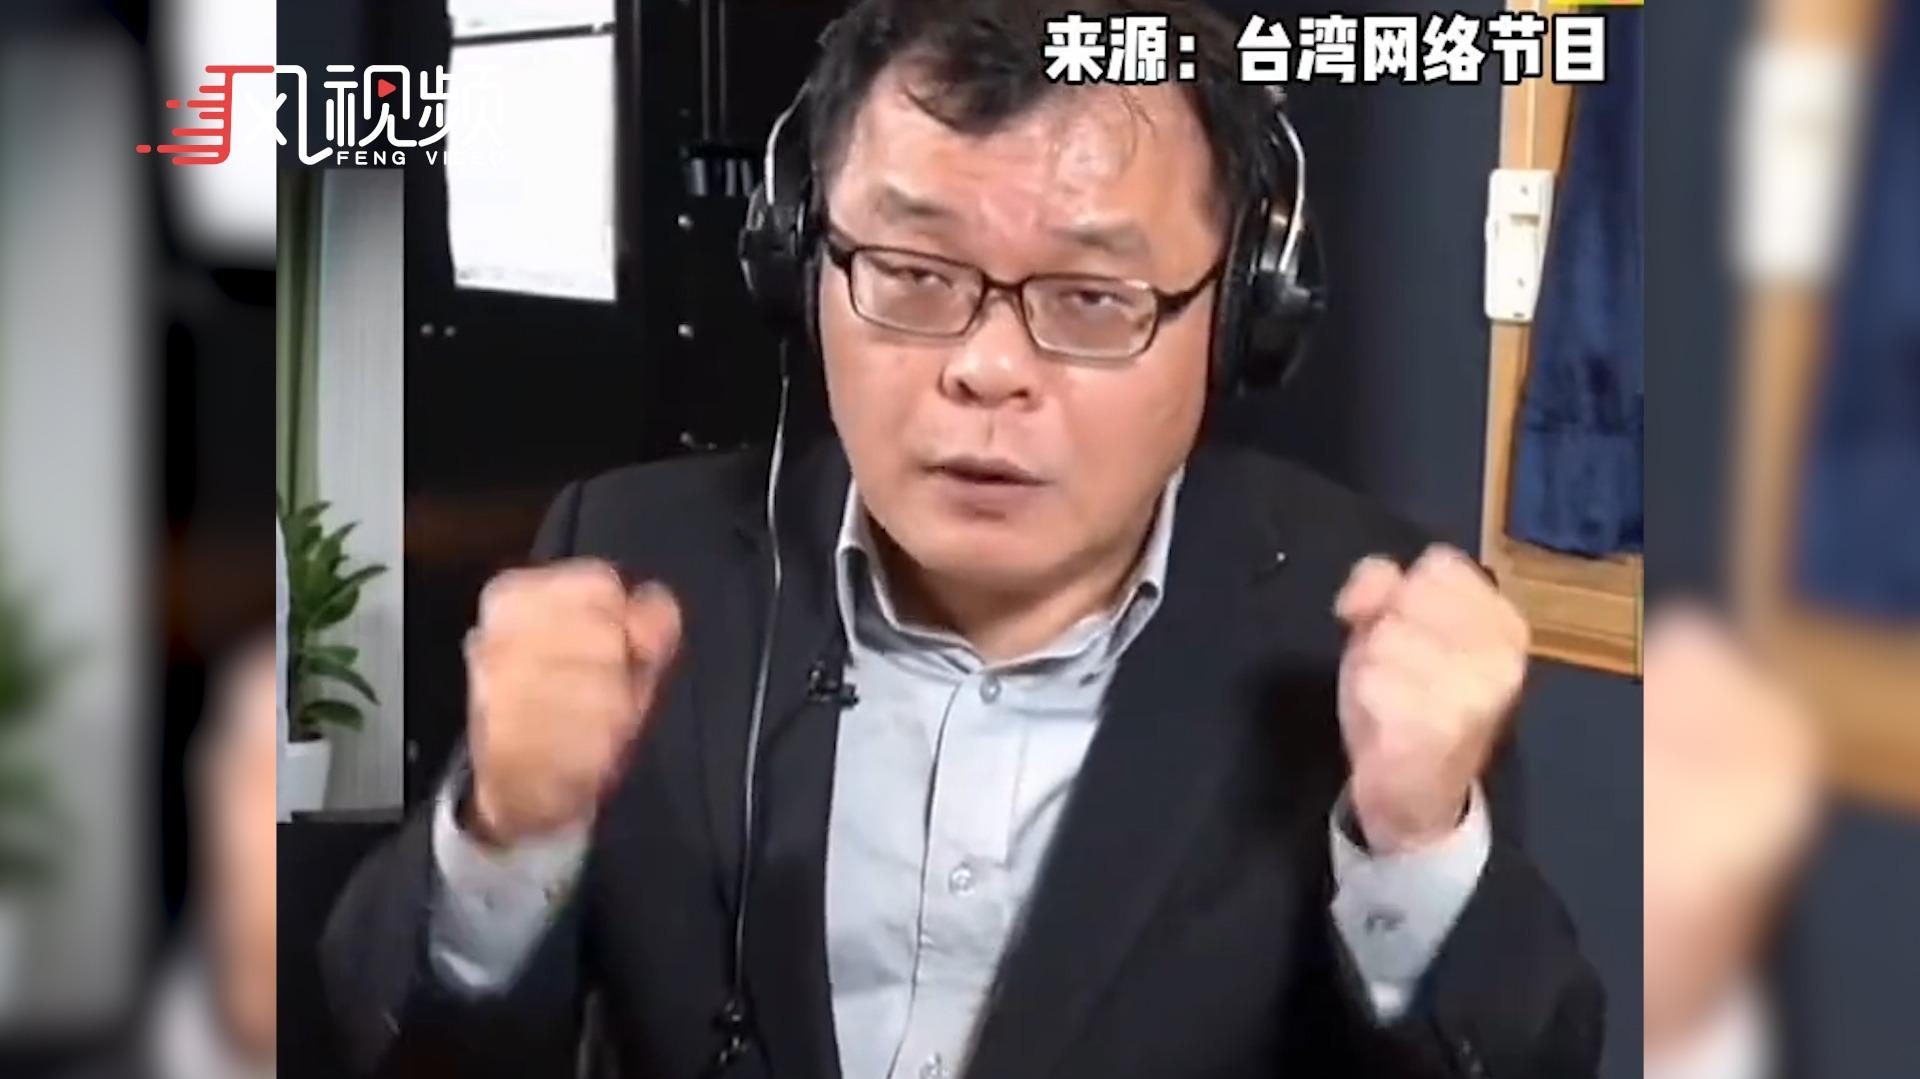 台资深媒体人陈挥文直指,台湾媒体造假诬陷大陆